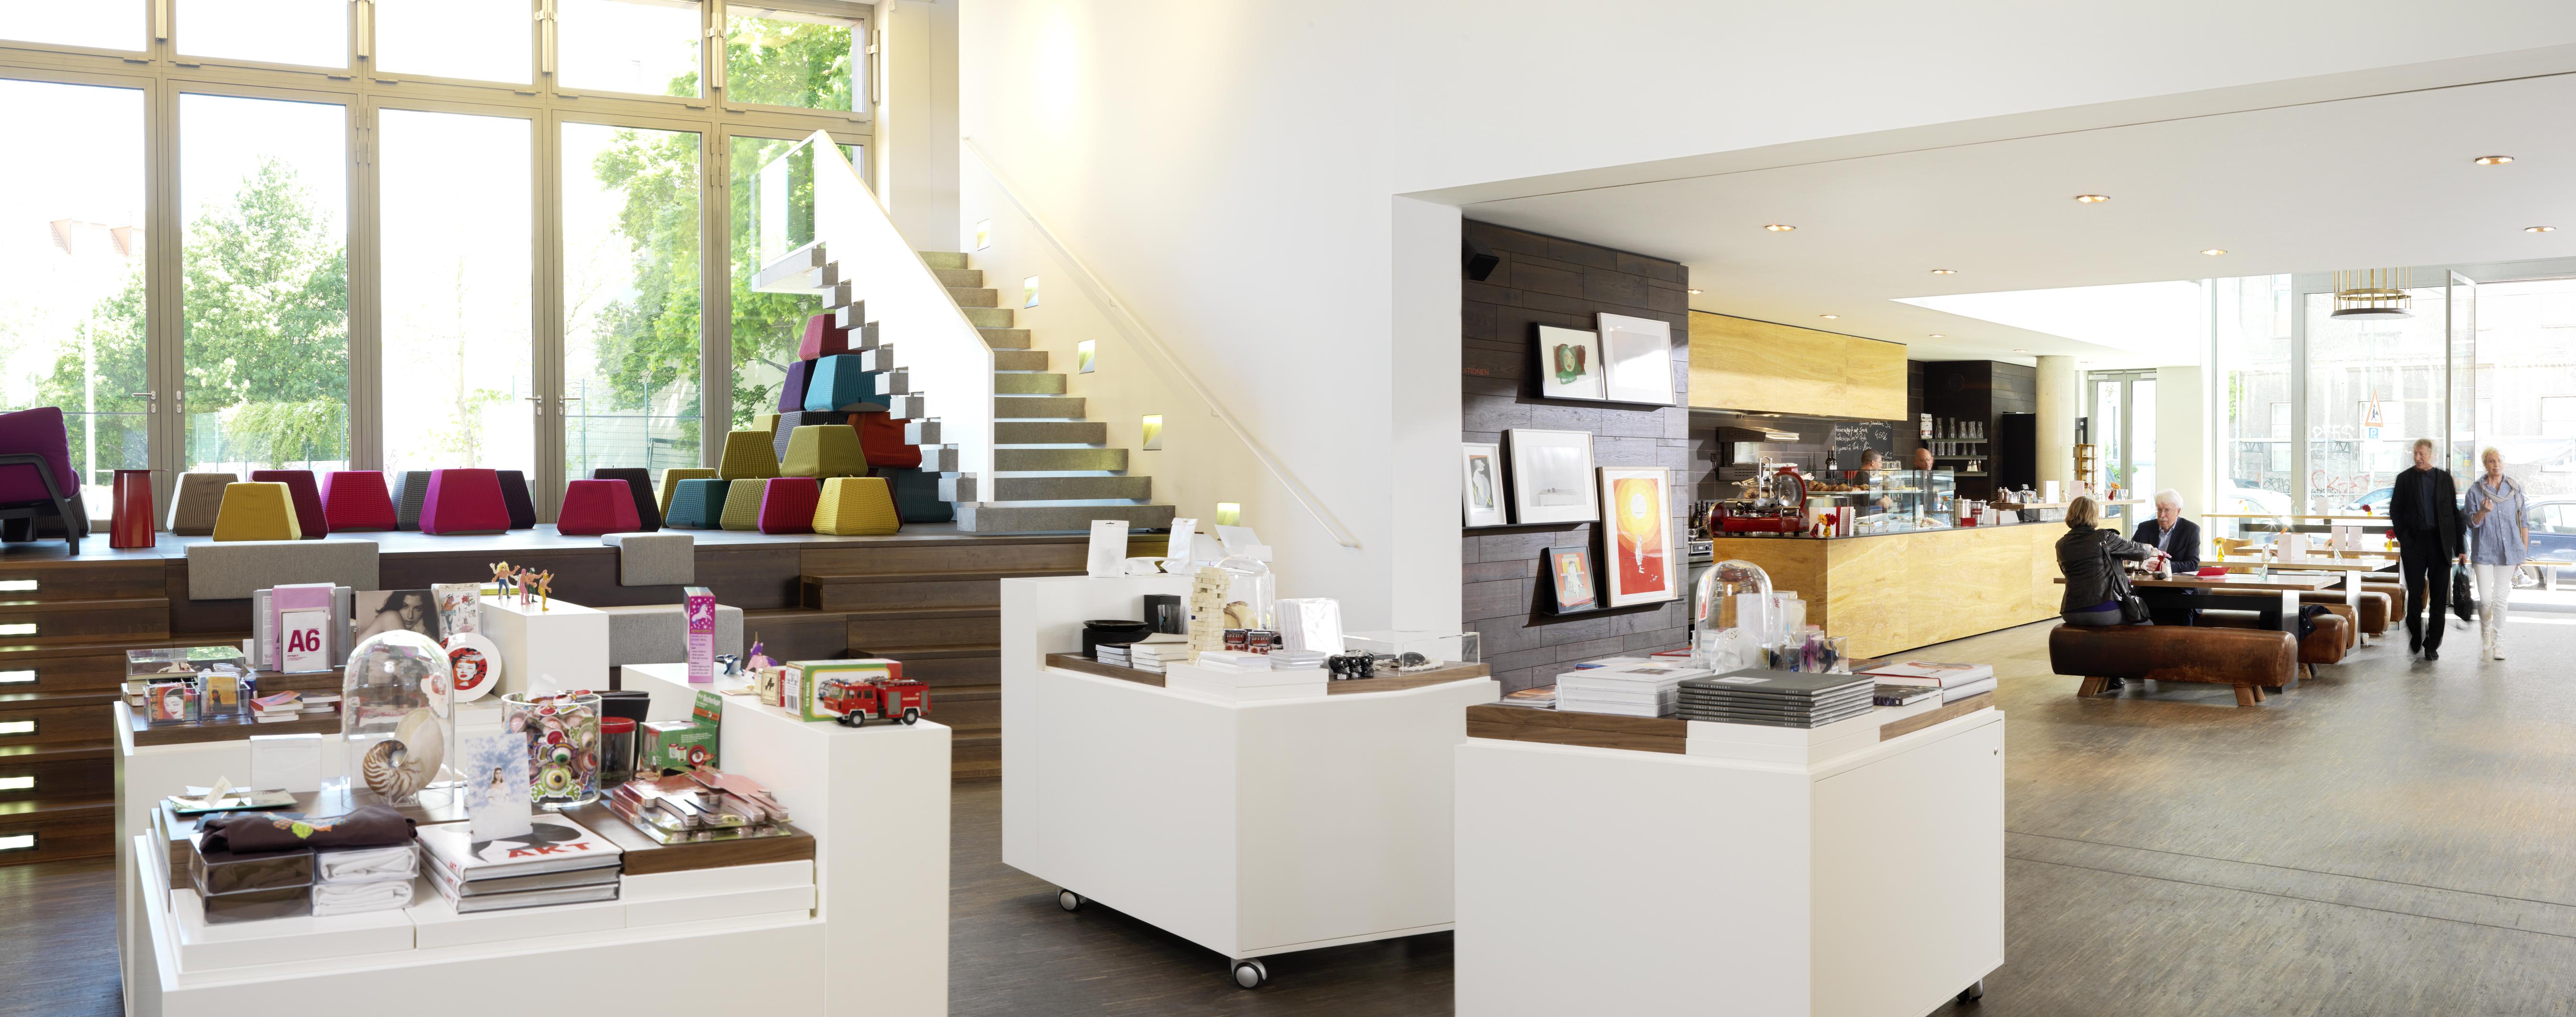 me collectors room stiftung olbricht kunstleben berlin das kunstmagazin. Black Bedroom Furniture Sets. Home Design Ideas